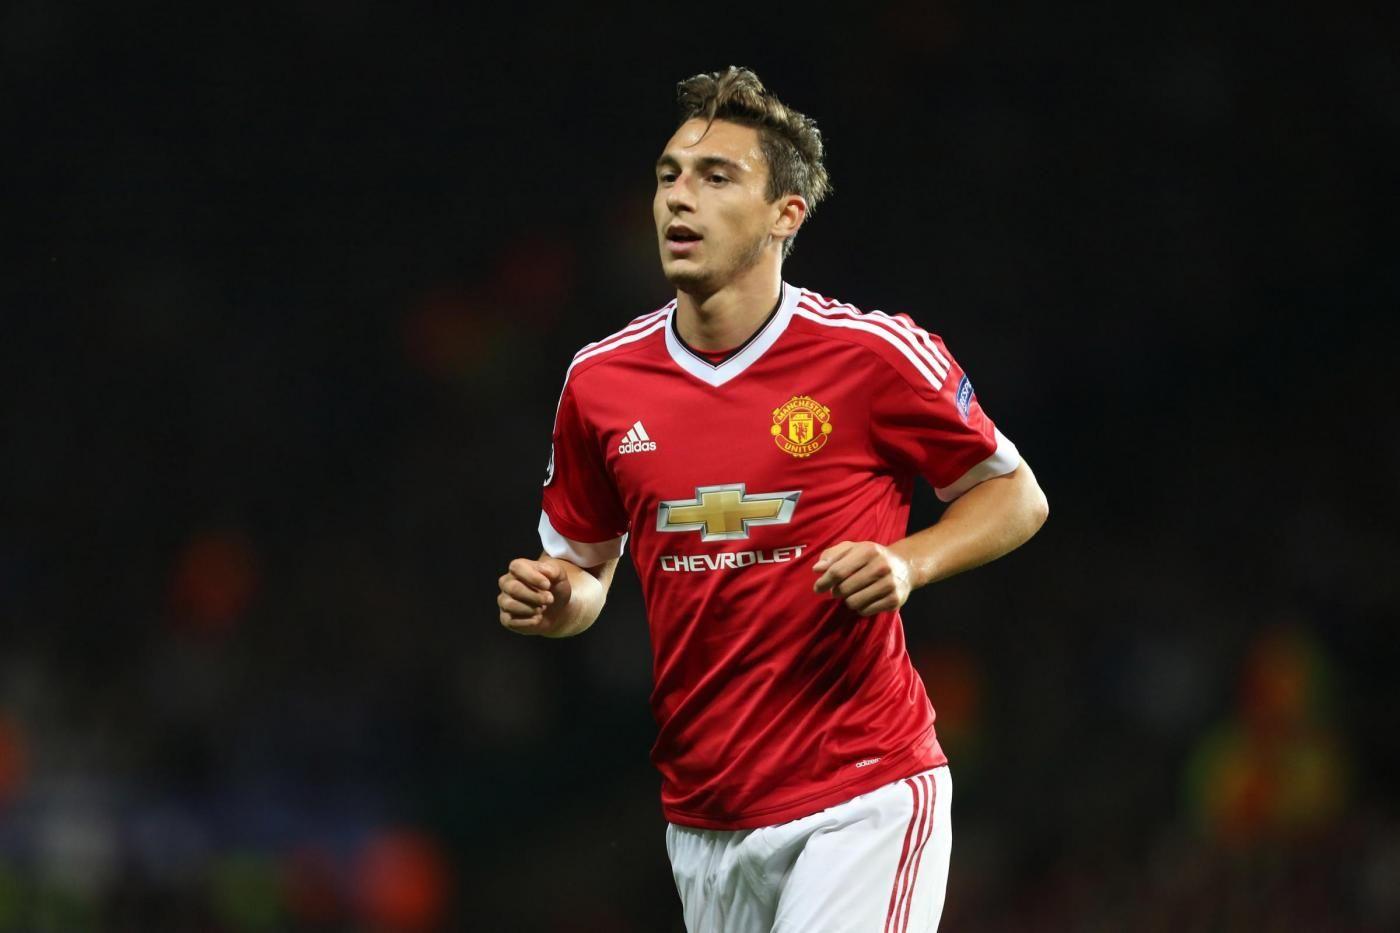 Lazio-Darmian: i biancocelesti puntano il terzino del Manchester United ma il problema è rappresentato dall'ingaggio del ragazzo